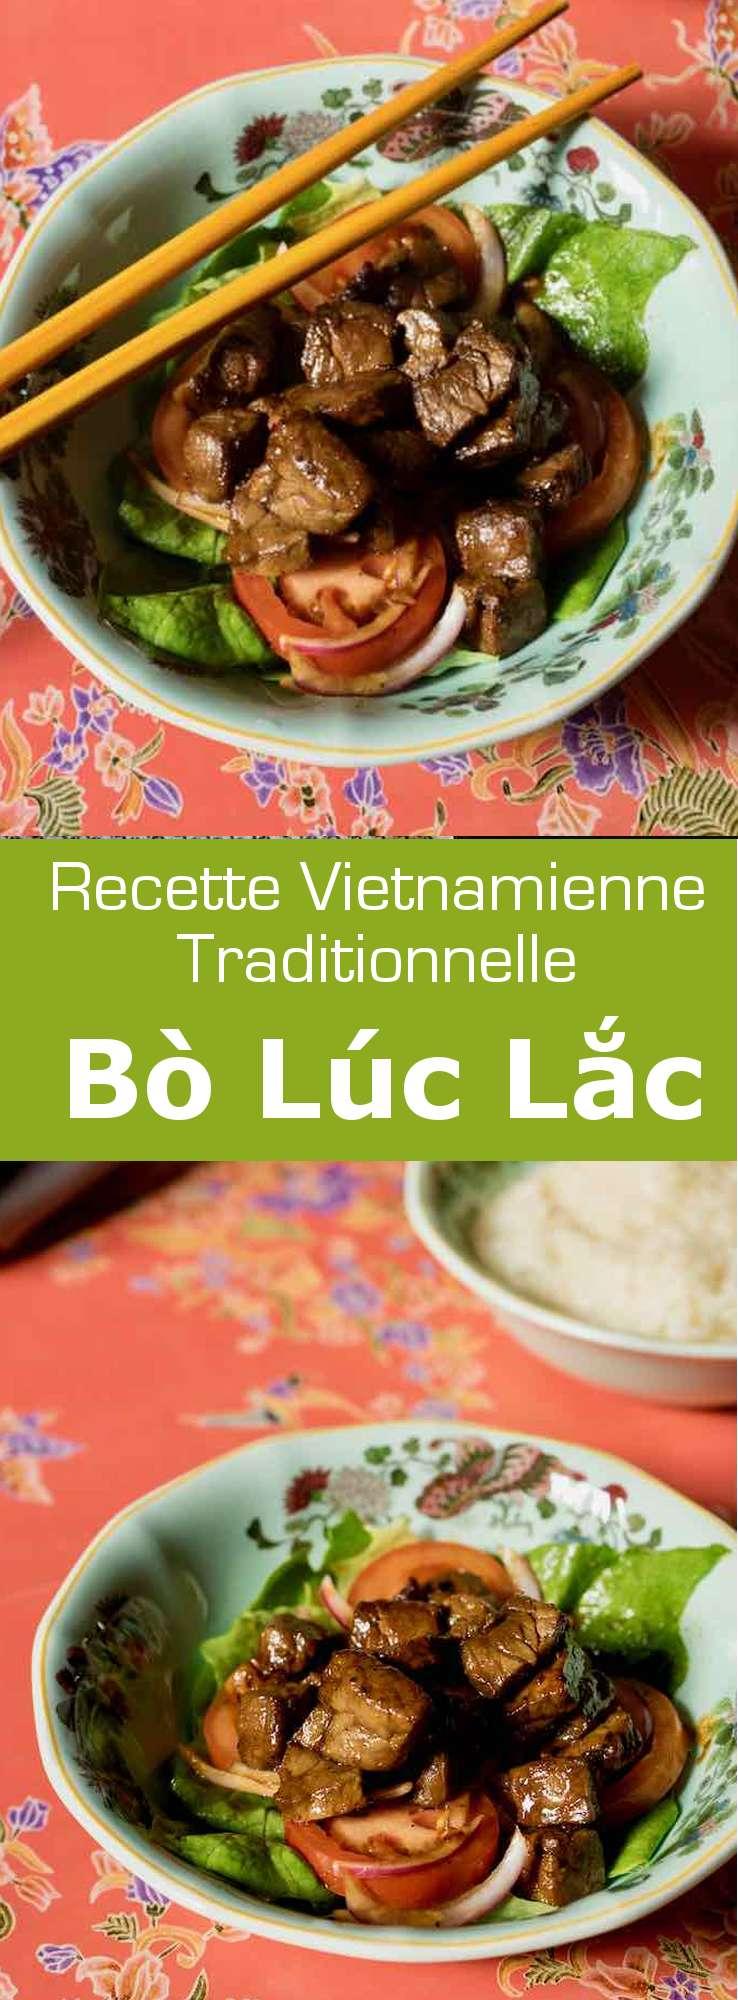 Le bò lúc lắc est un plat populaire du Vietnam à base de viande de bœuf marinée et sautée et servie avec une garniture de salade et de riz. #Vietnam #RecetteVietnamienne #CuisineVietnamienne #CuisineAsiatique #RecetteAsiatique #CuisineDuMonde #196flavors